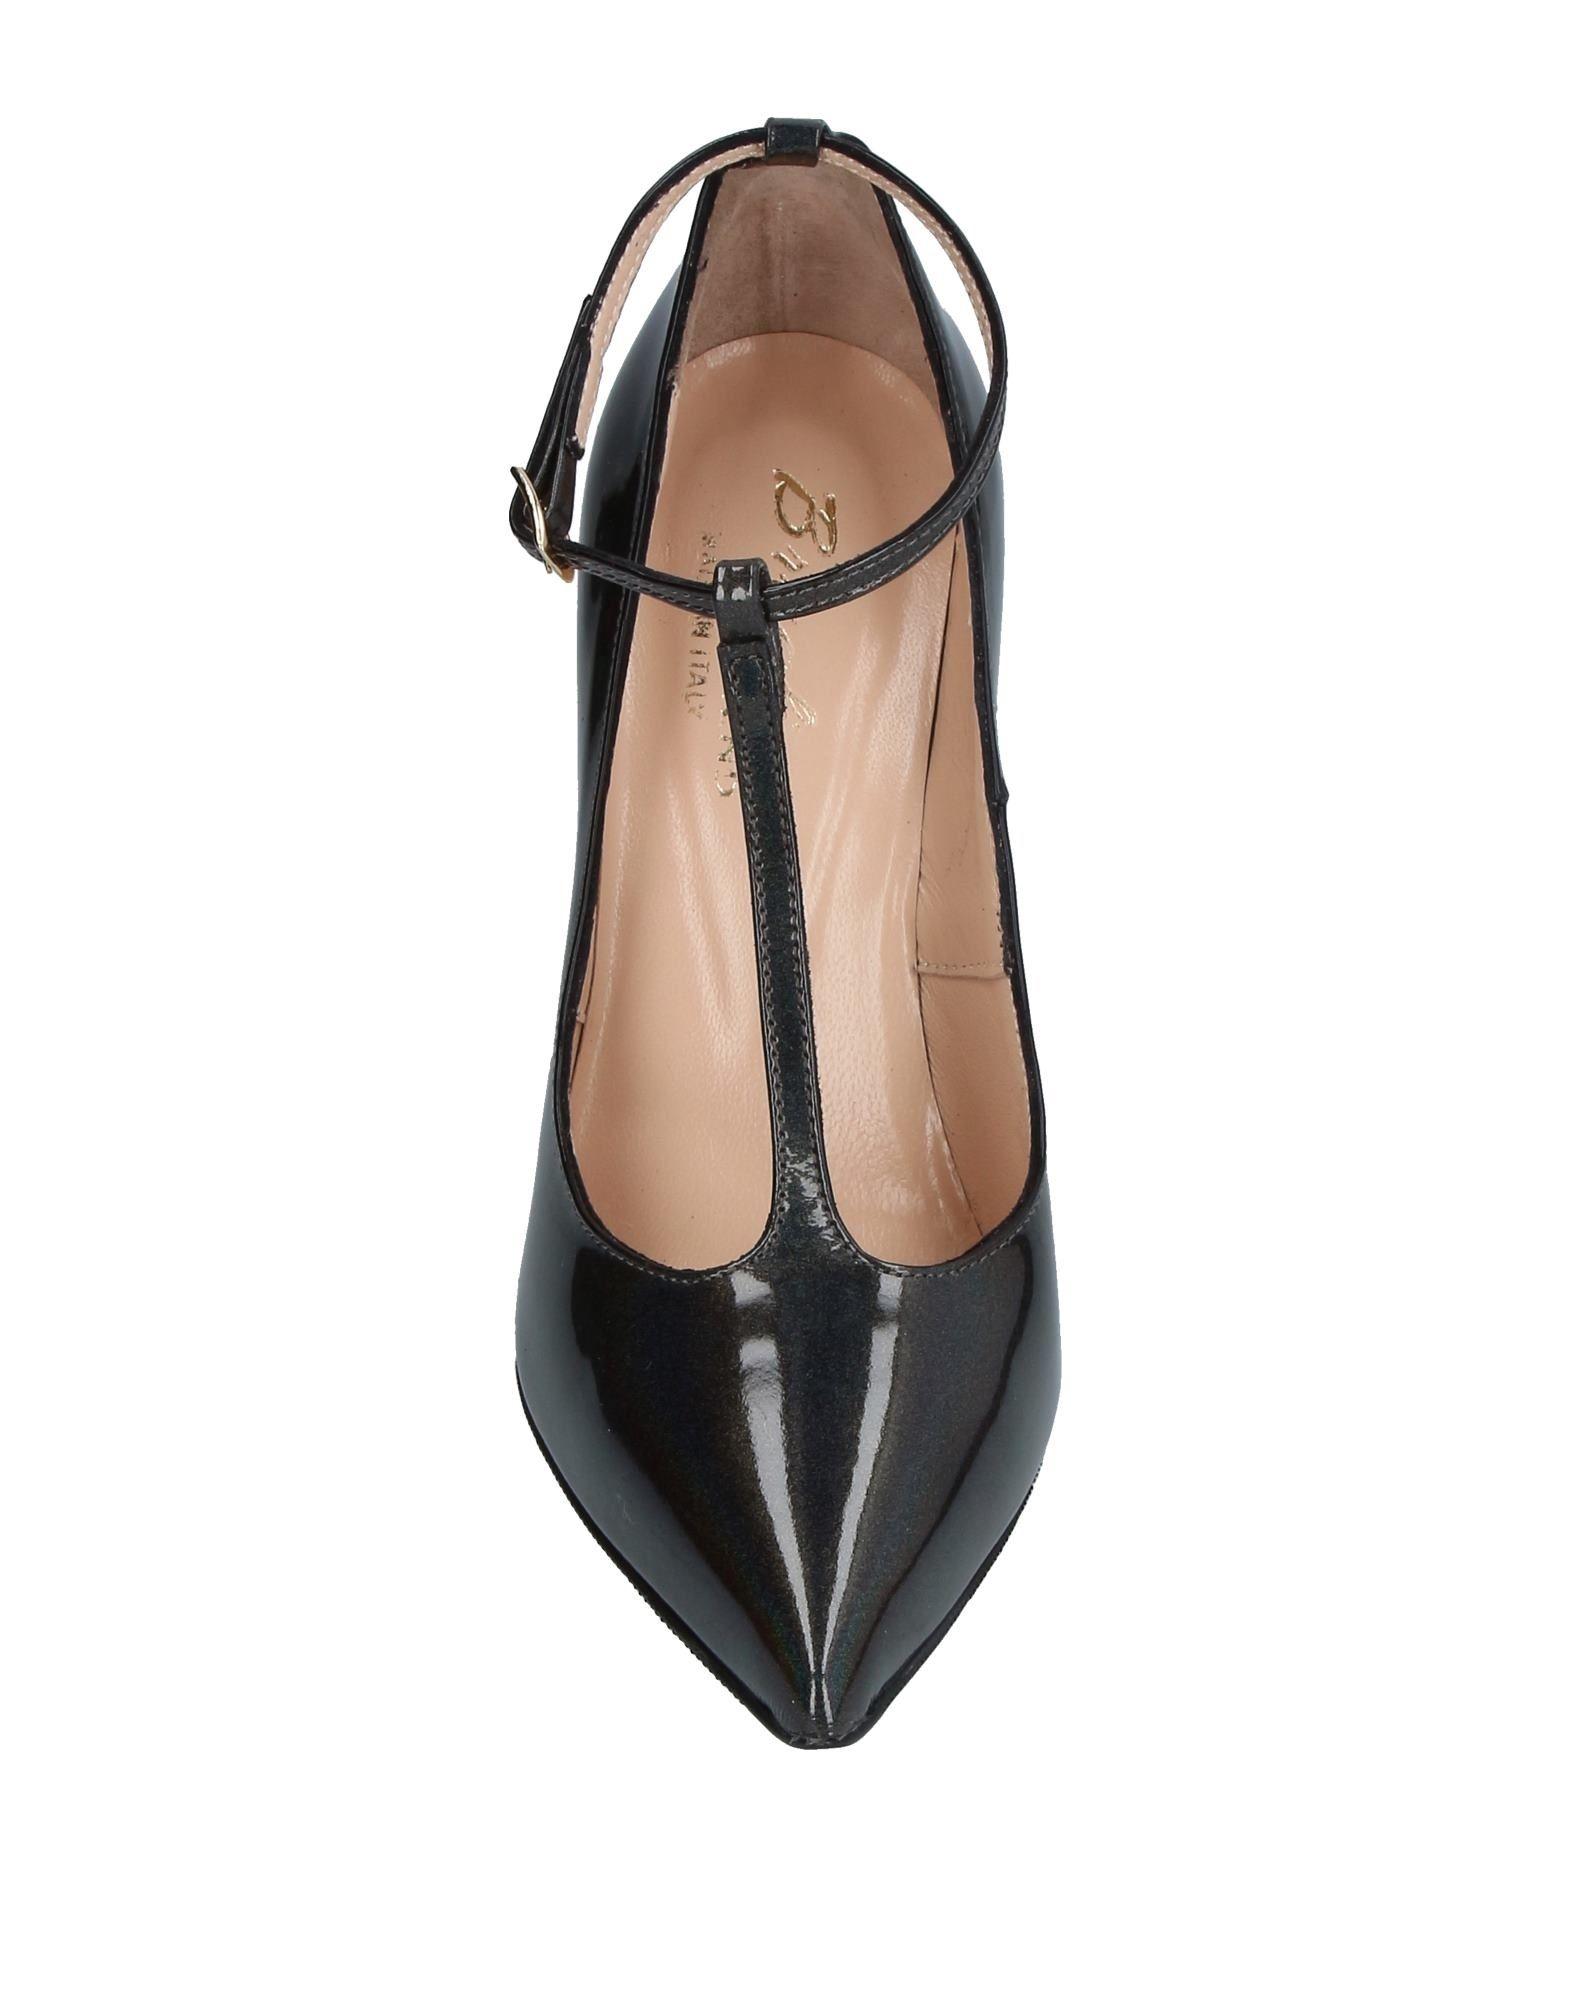 F.Lli Bruglia Pumps Damen 11219055PS Gute Qualität beliebte Schuhe Schuhe beliebte 32d51a